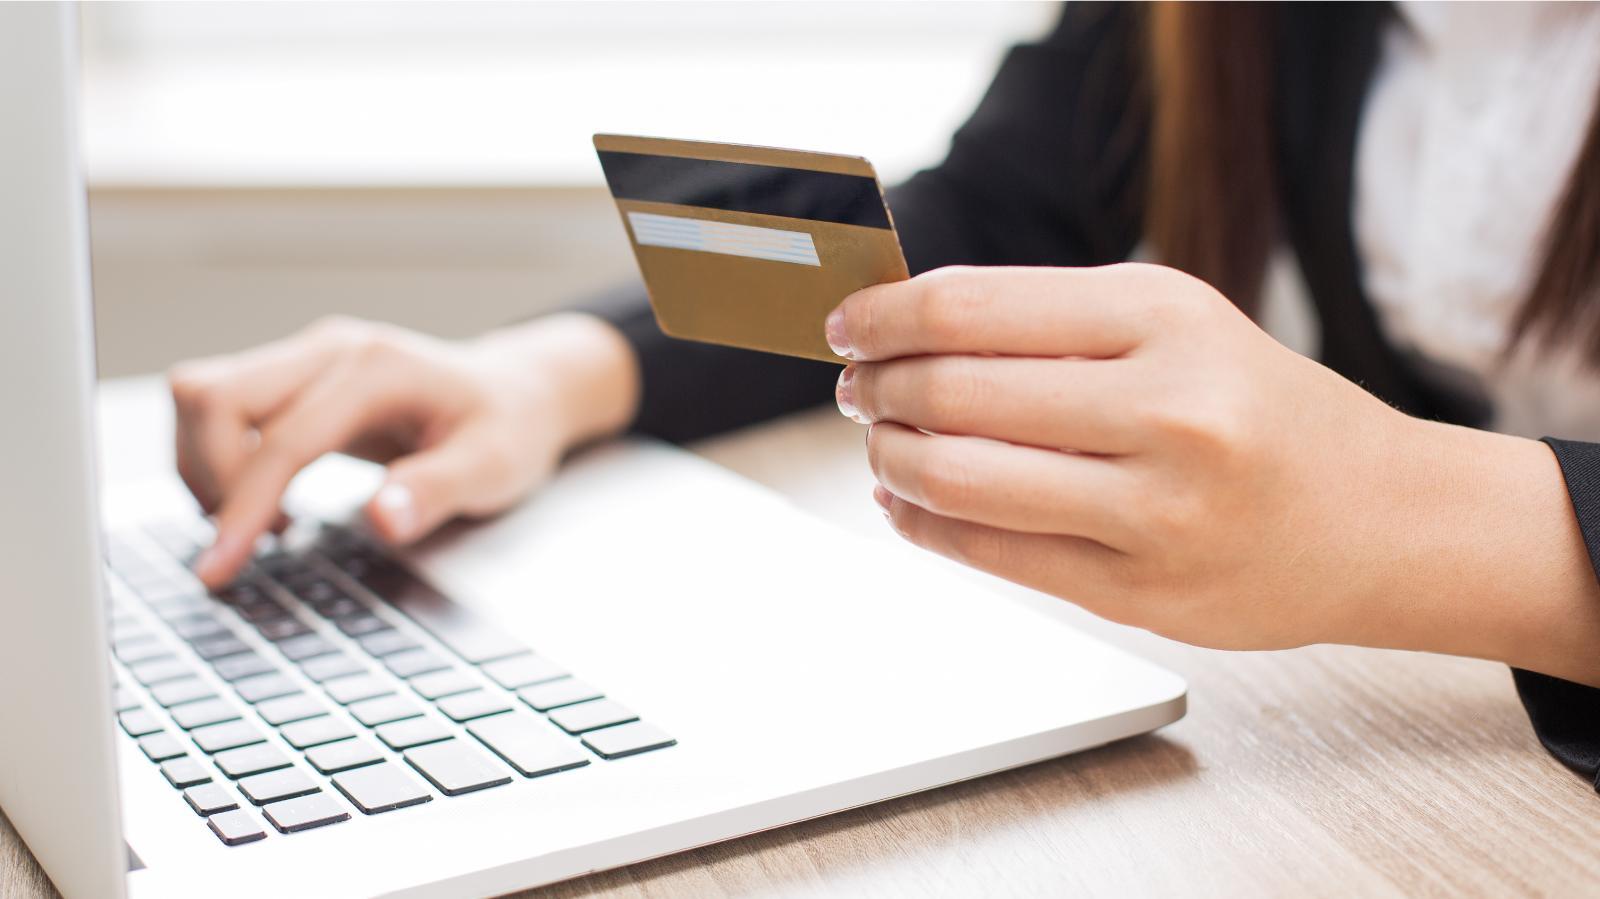 Juro médio do rotativo do cartão de crédito sobe para 333,9% ao ano